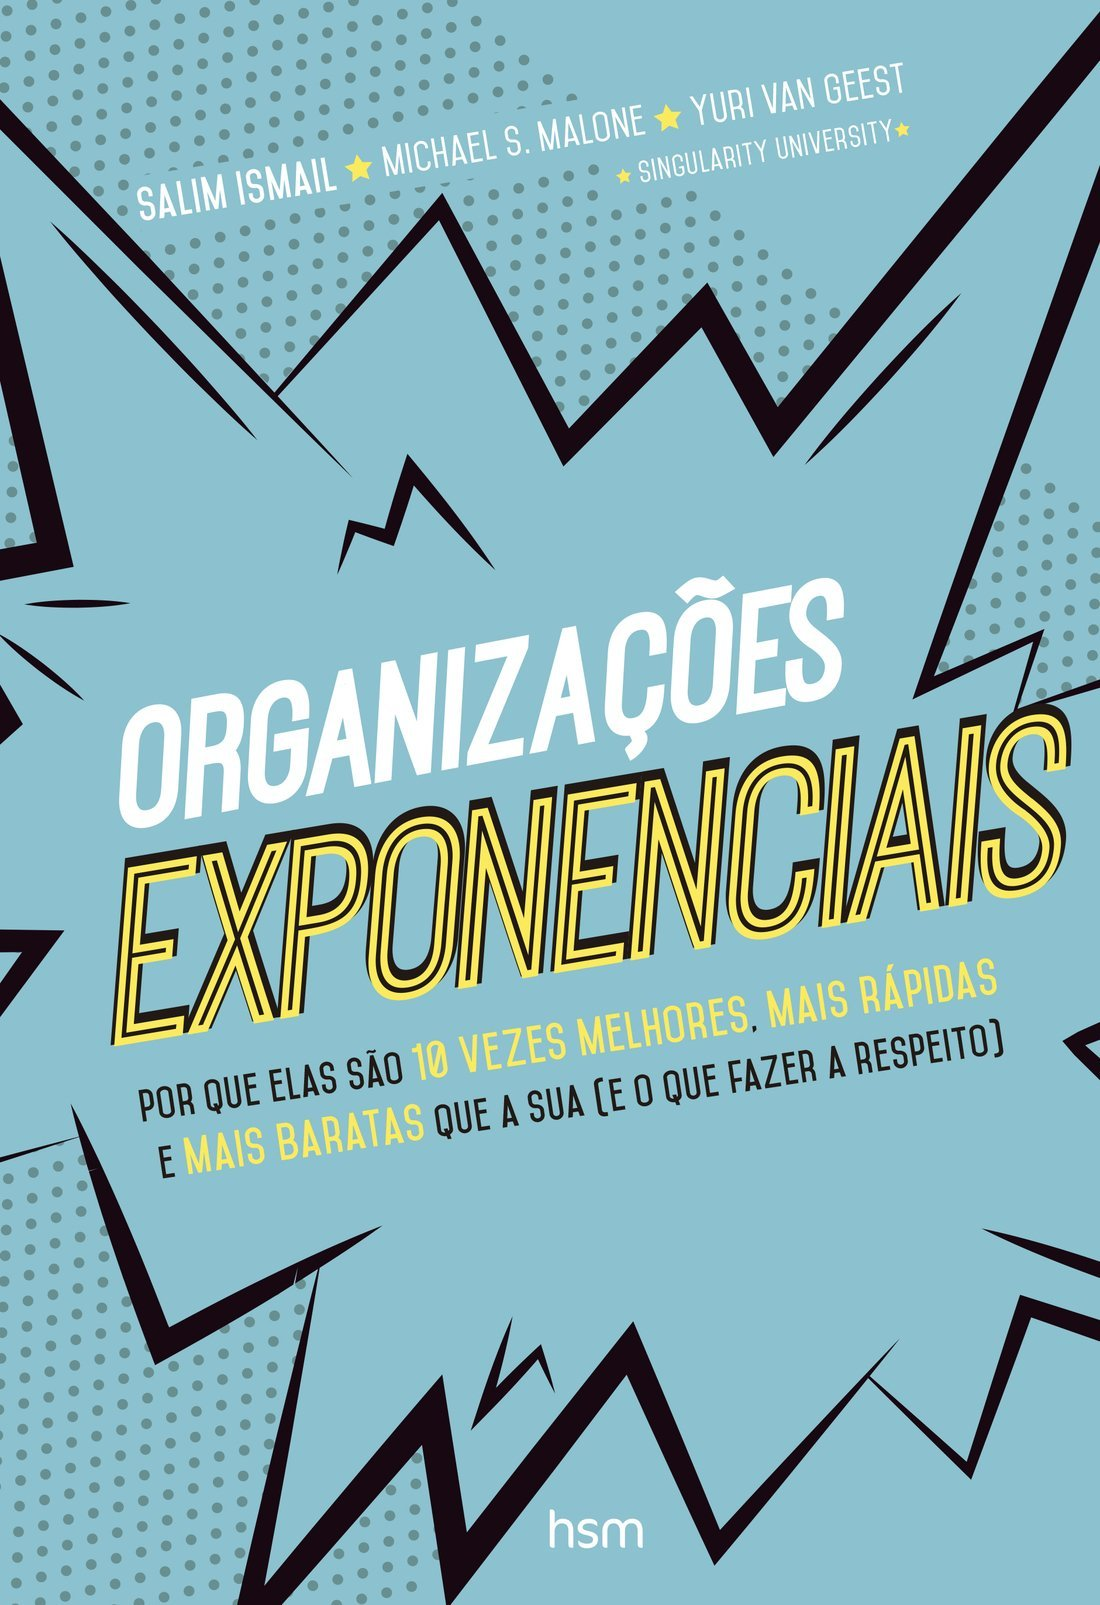 Cover Image for Organizações Exponenciais